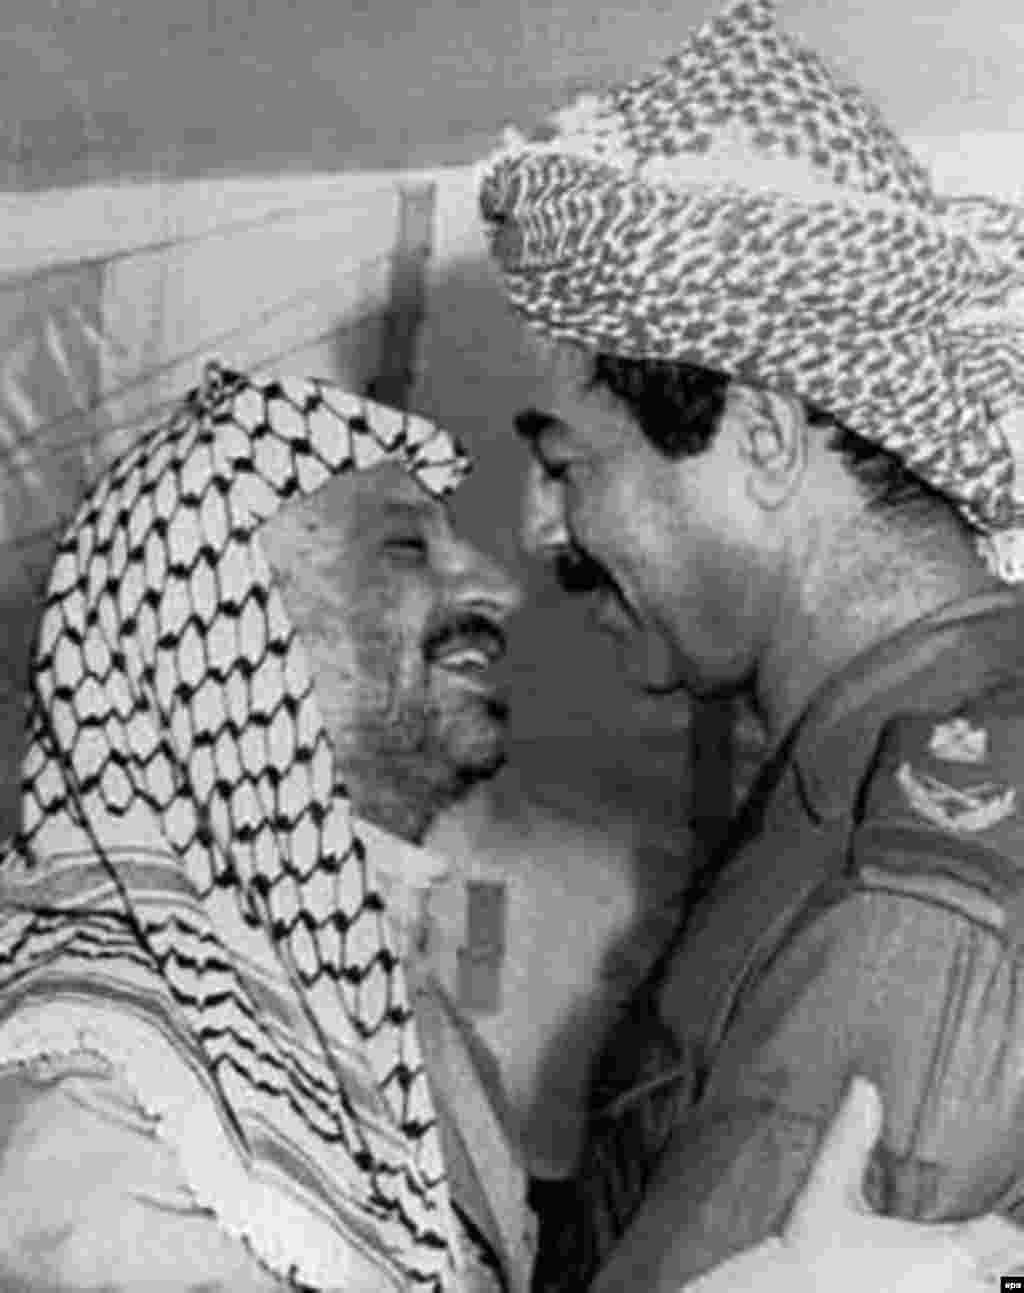 Iraq -- Saddam Hussein (right) with Palestinian leader Yasser Arafat, Baghdad, 25Sep1980 - Xösäyen (uñda) Fälästin citäkçese Yasir Arafat belän, Sintäber 1980. Farsı Qultığı suğışı waqıtında Arafat Xösäyenne xuplağan berdän-ber ğaräp citäkçese buldı. (epa)